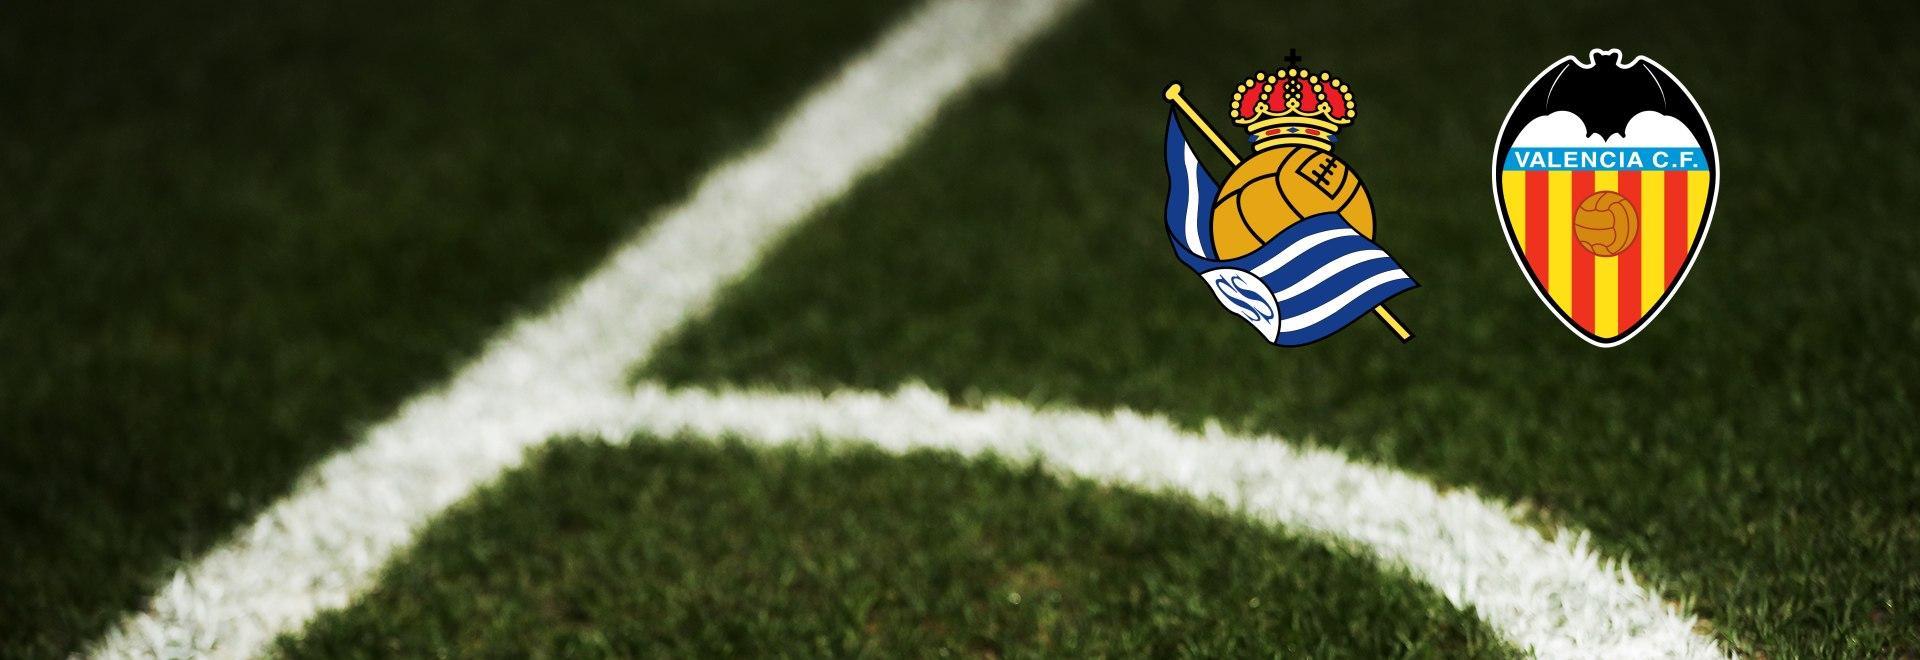 Real Sociedad - Valencia. 4a g.